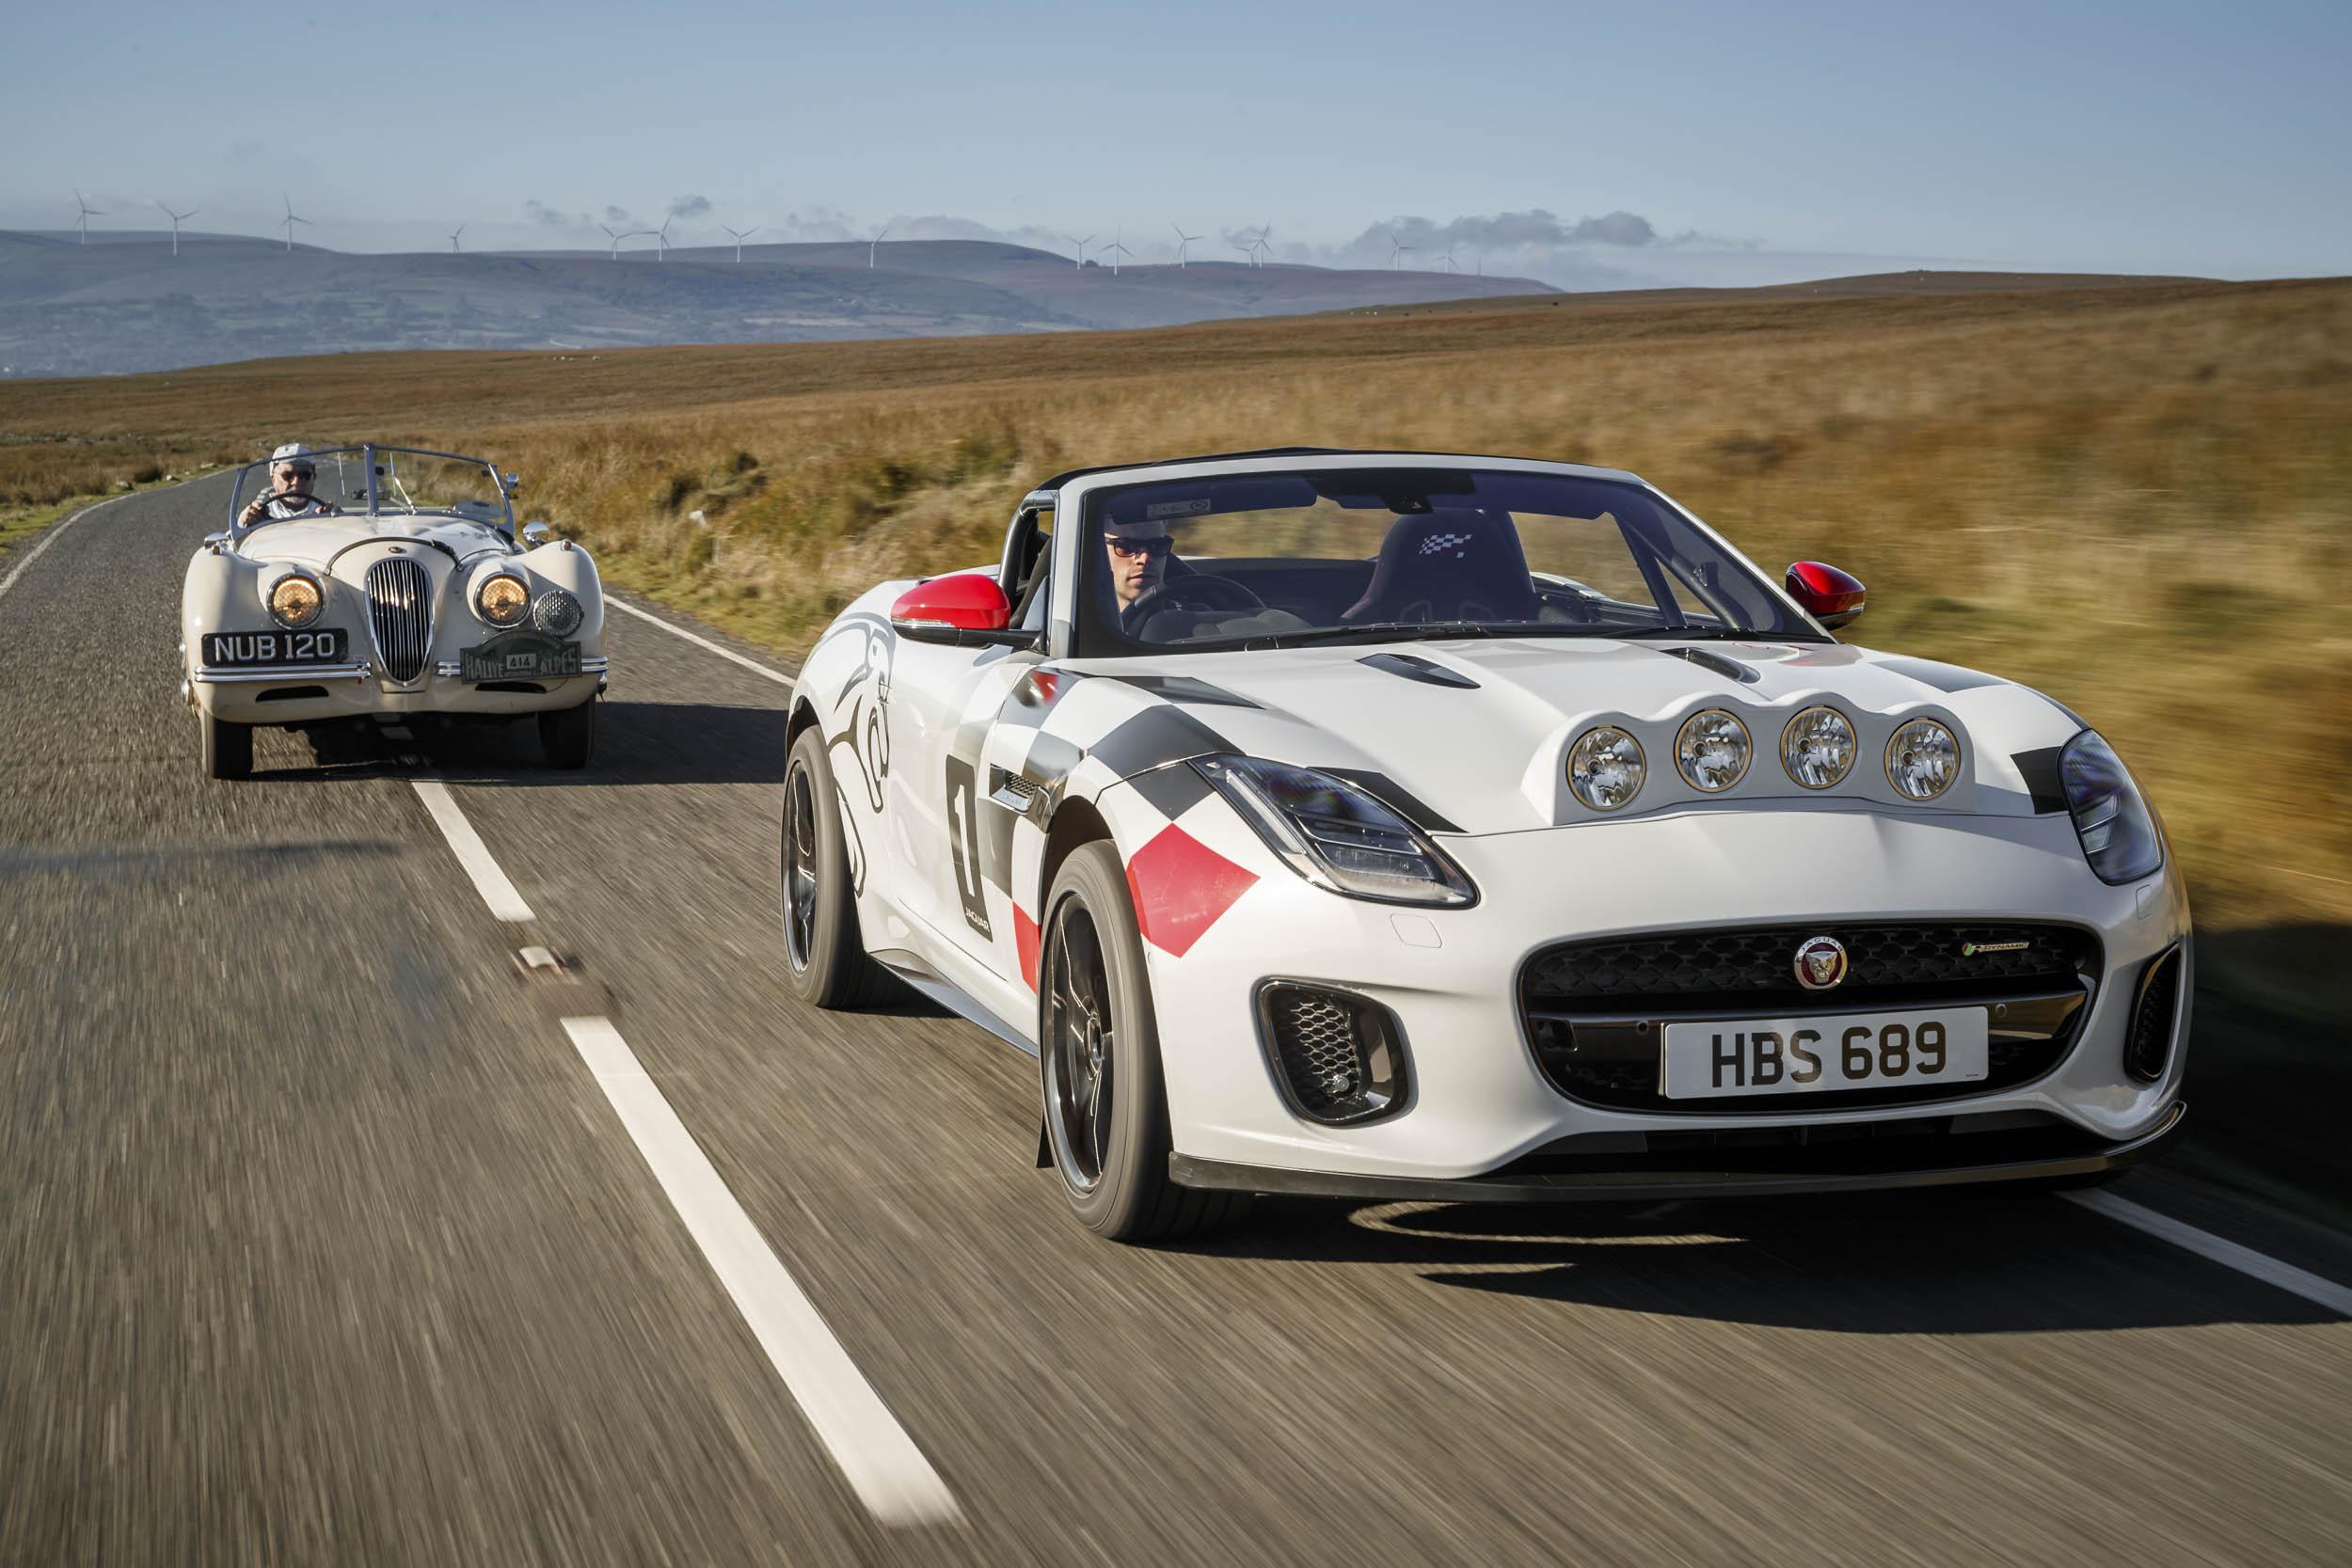 Jaguar F-type convertible rally car with a XK 120